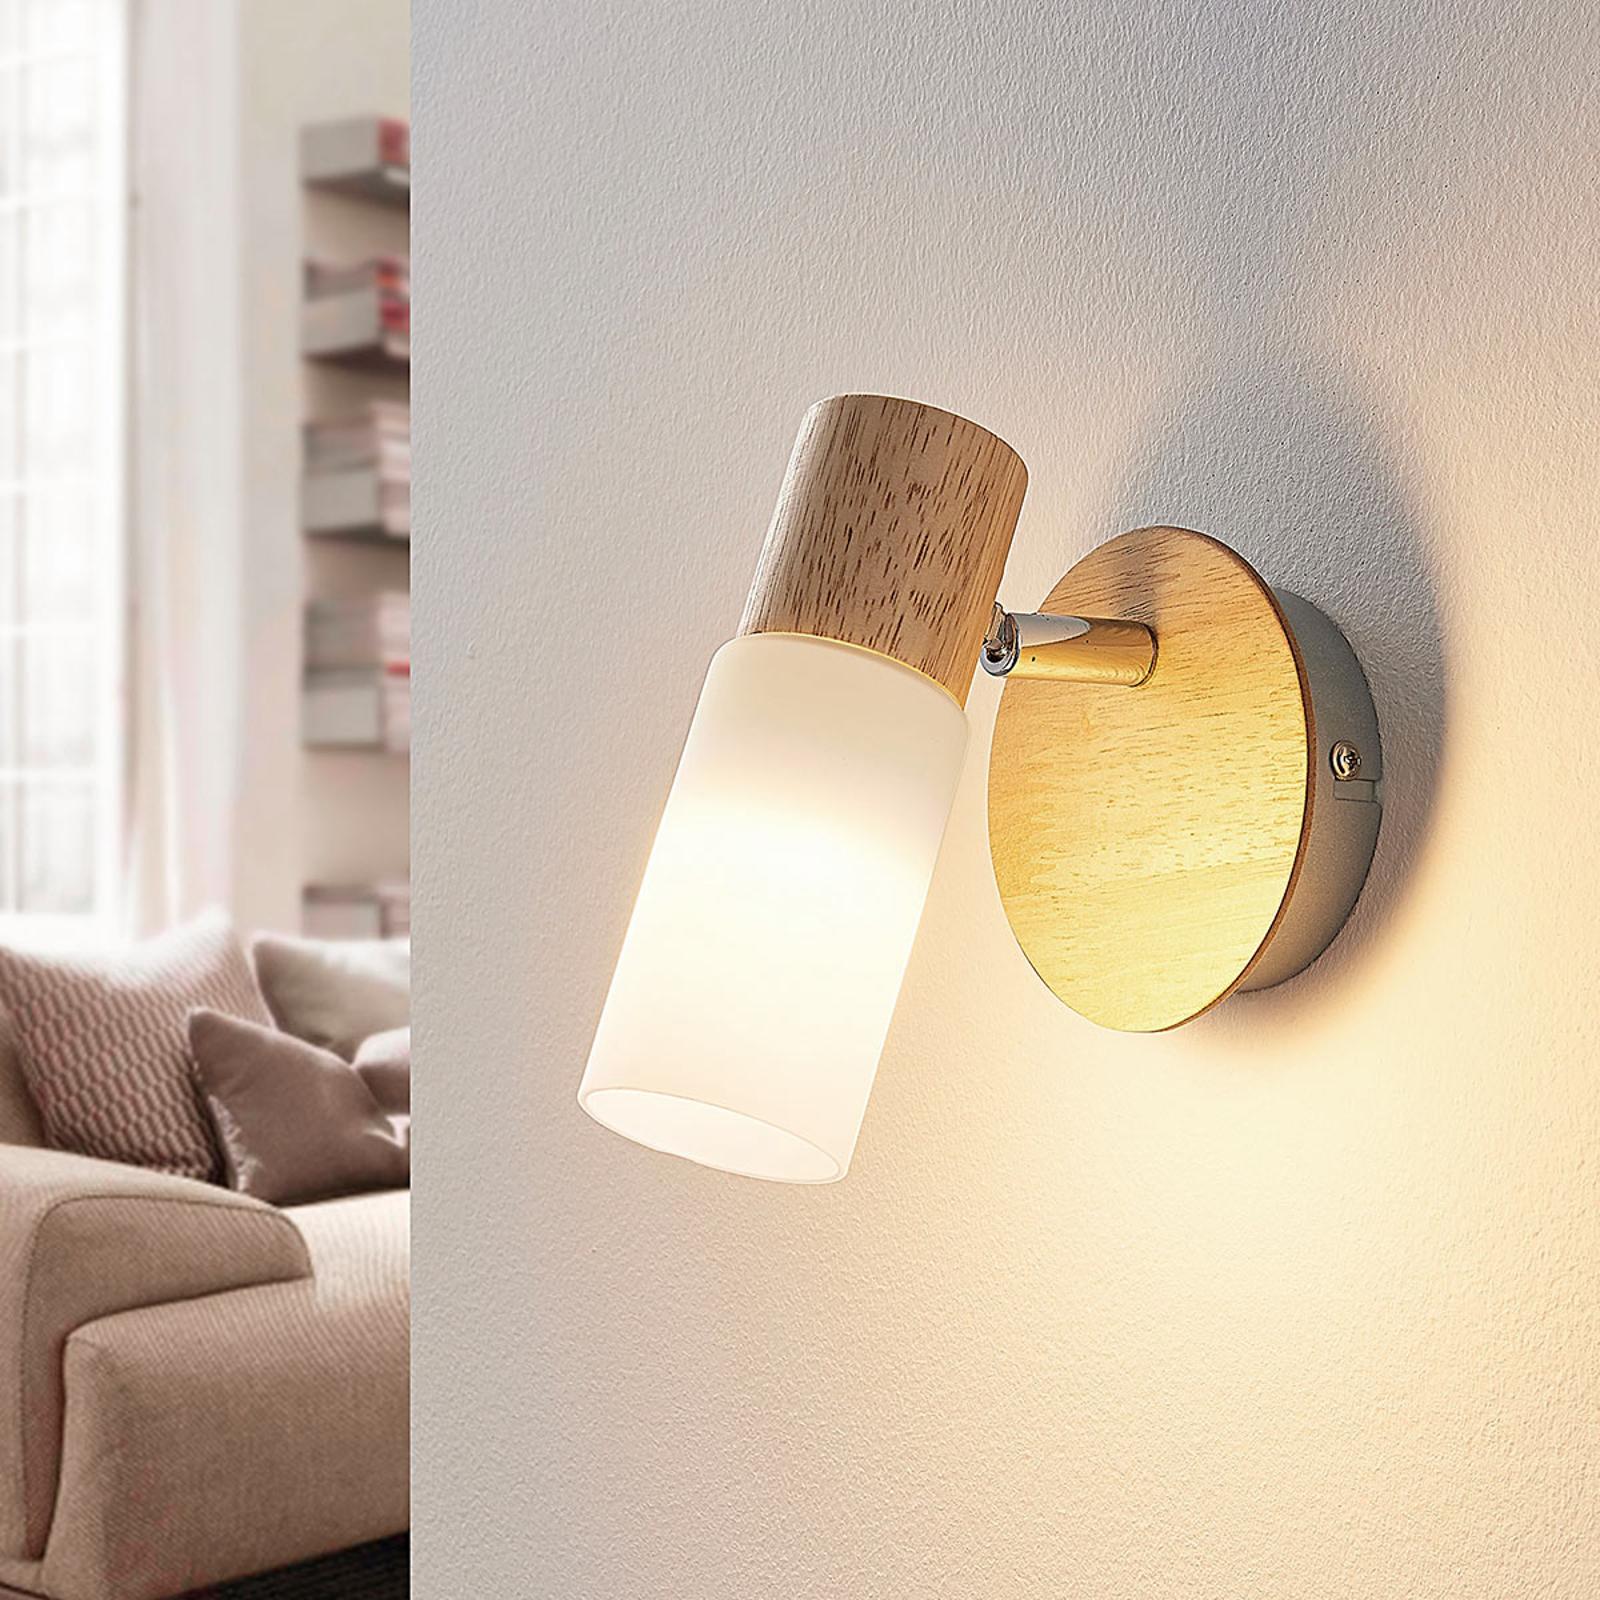 Puinen spottivalo Christoph, LED-lamppu